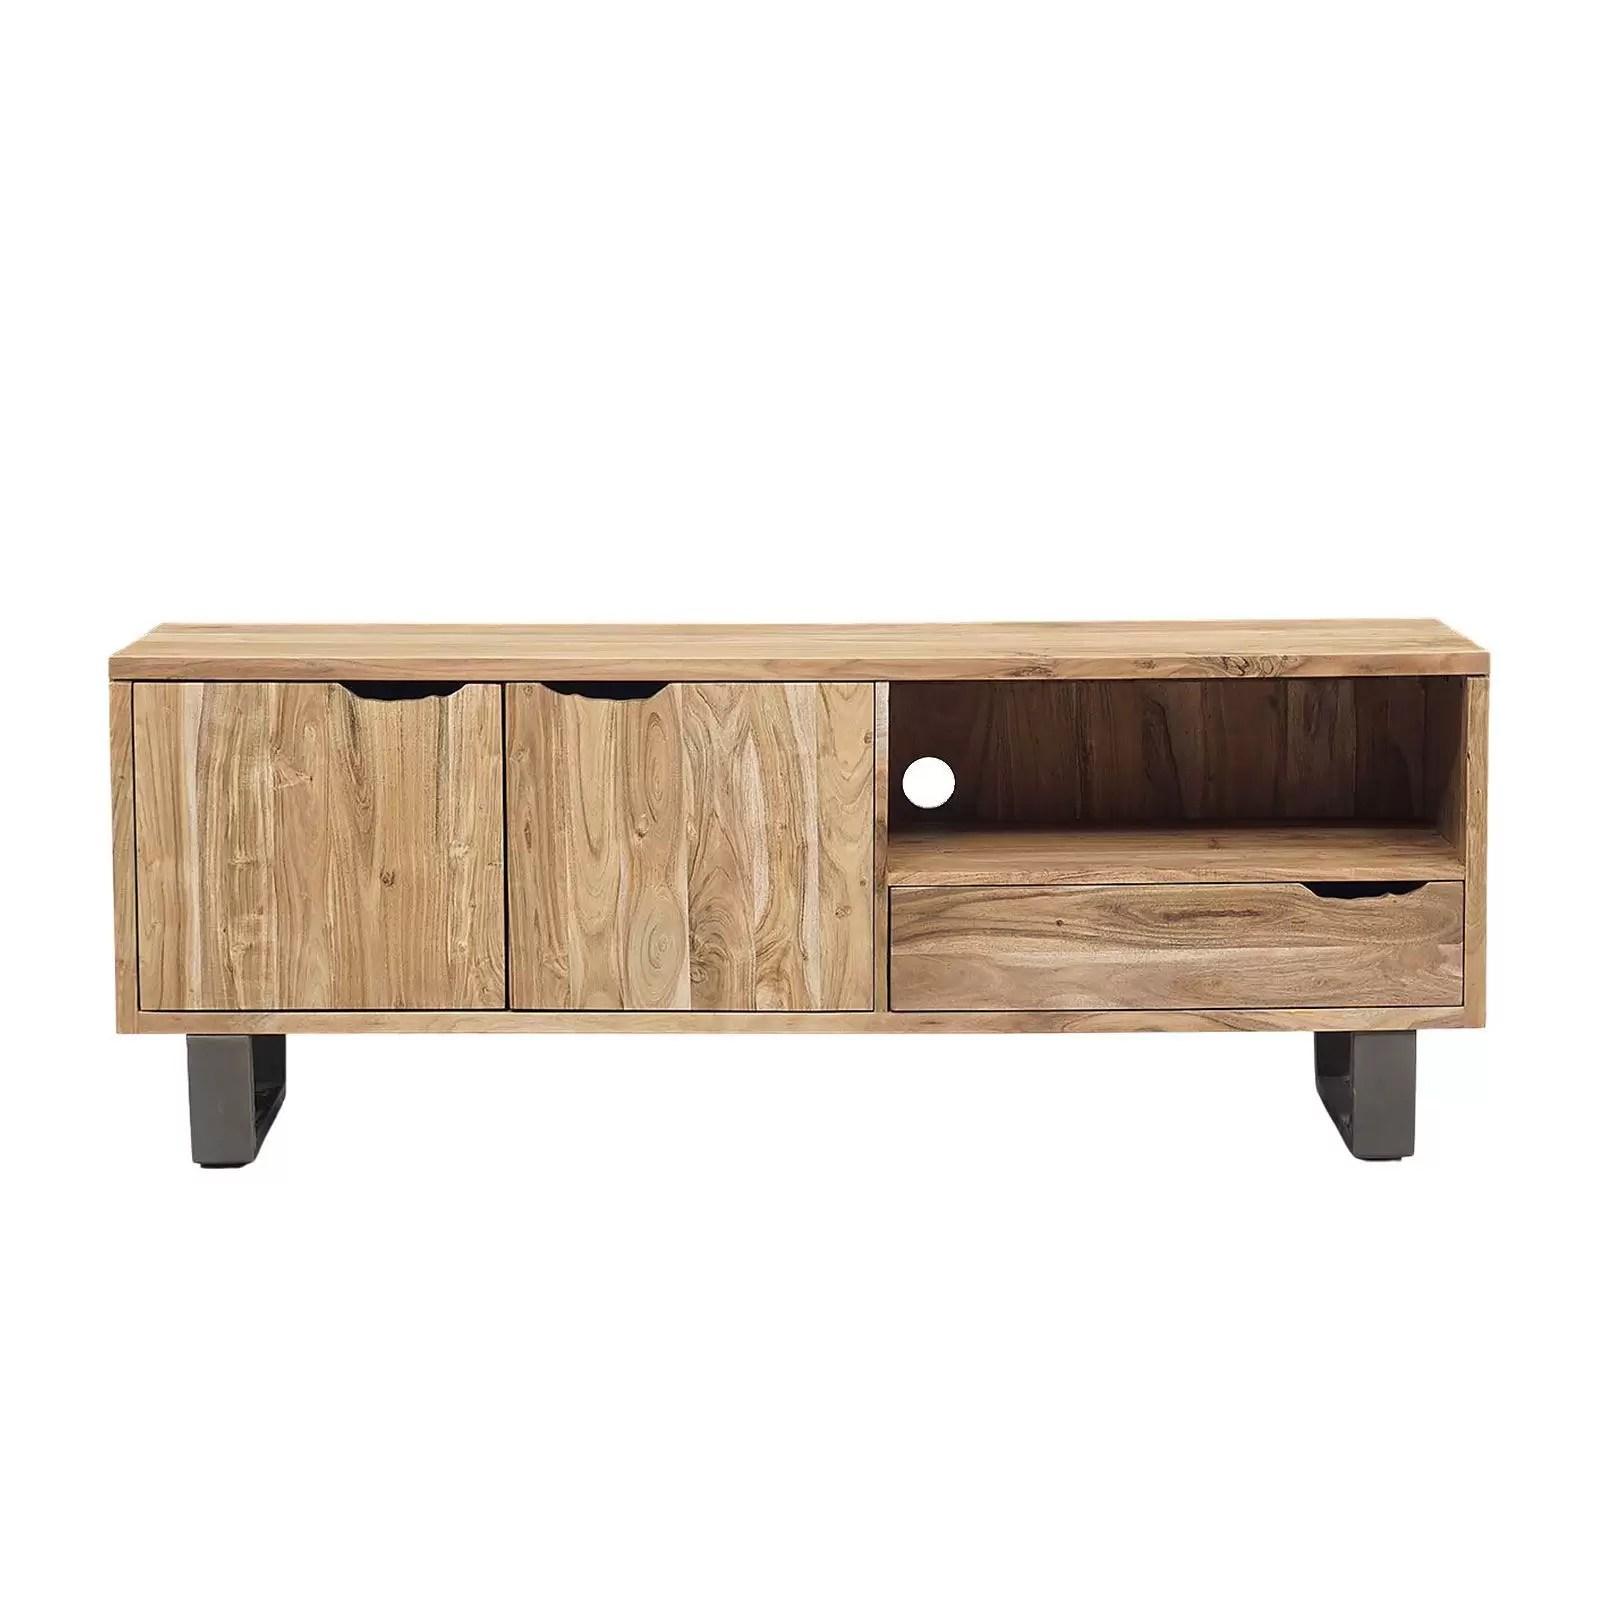 meuble tv bois nature et fer 2p 1t acacia forest